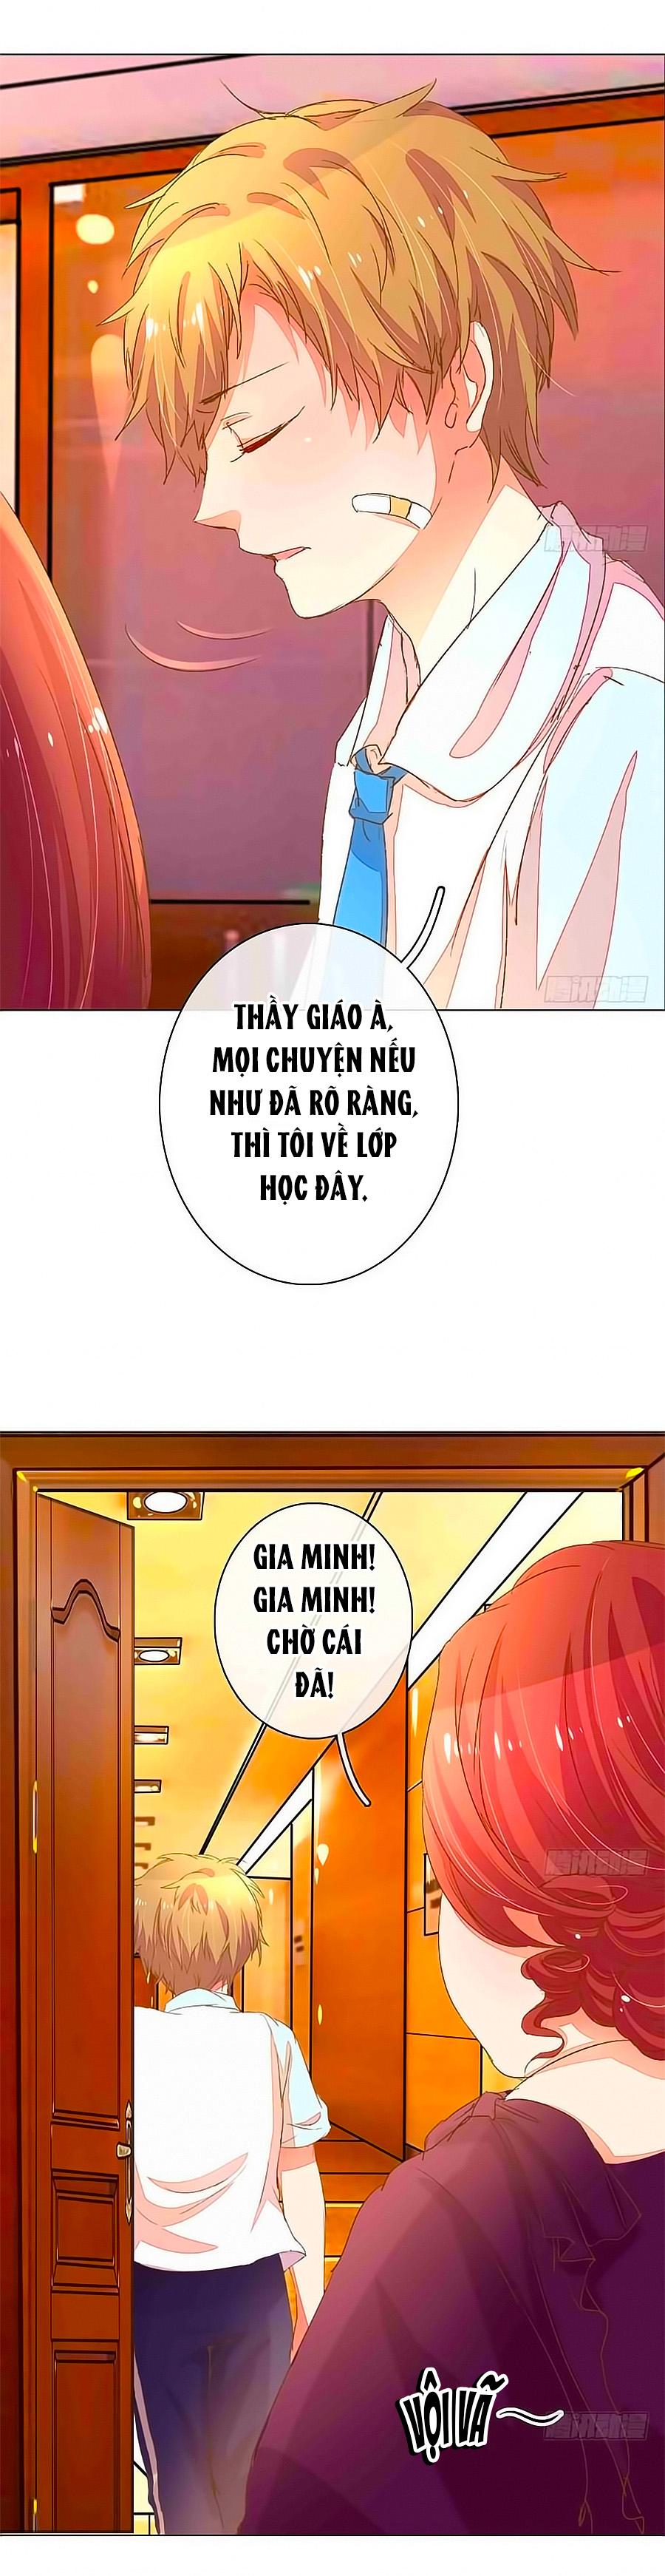 Hào Môn Tiểu Lãn Thê - Chap 47